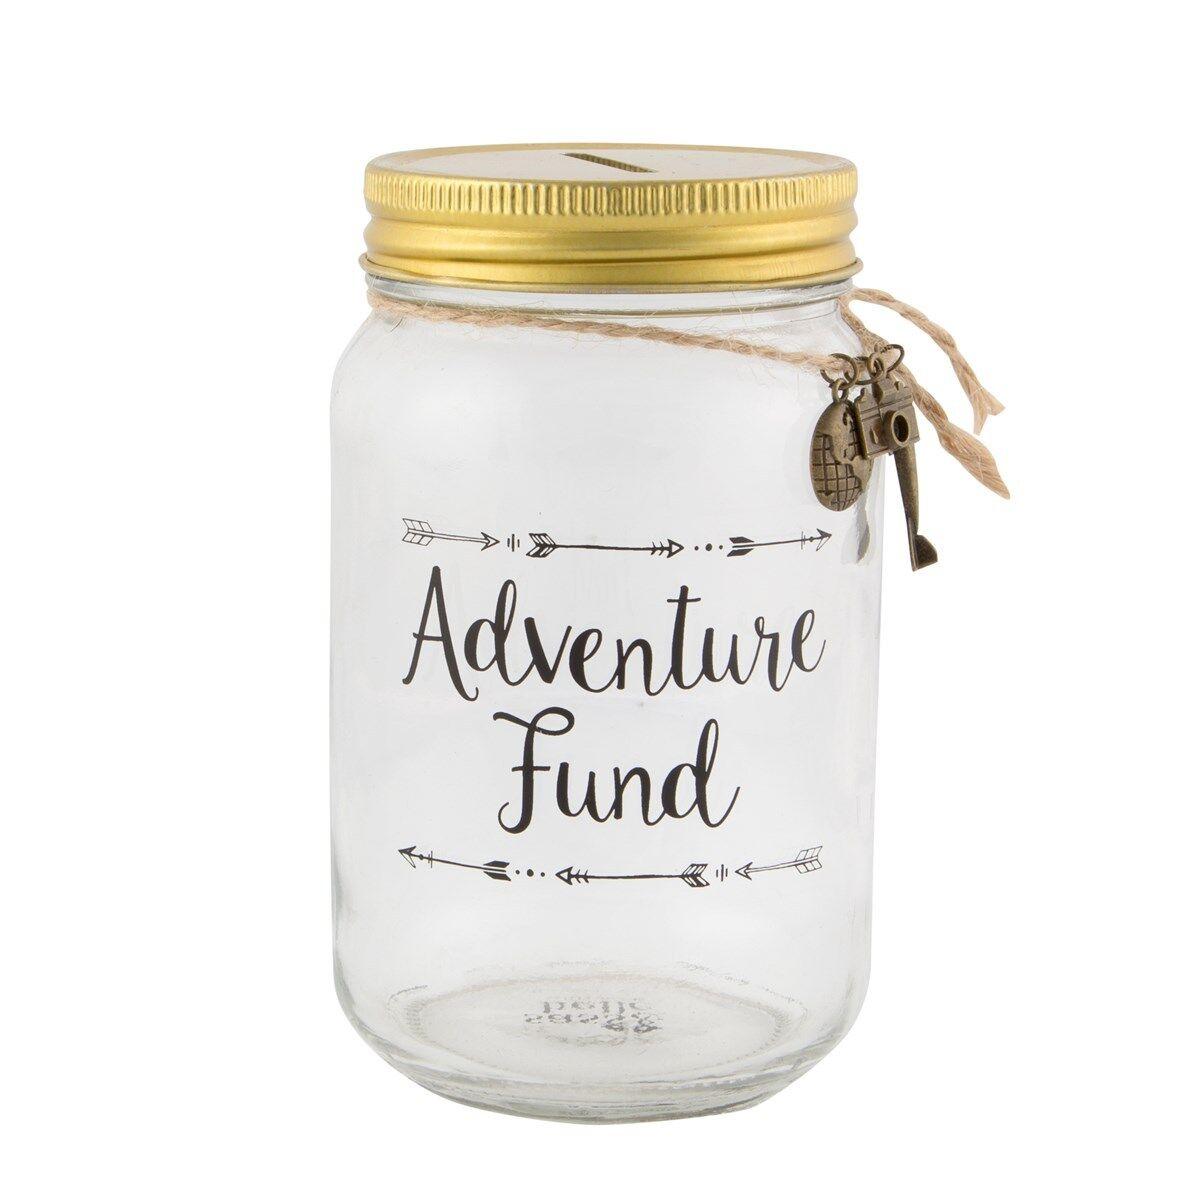 Dettagli Su Adventure Fund Vetro Trasparente Barattolo Viaggi Vacanze Risparmio Salvadanaio